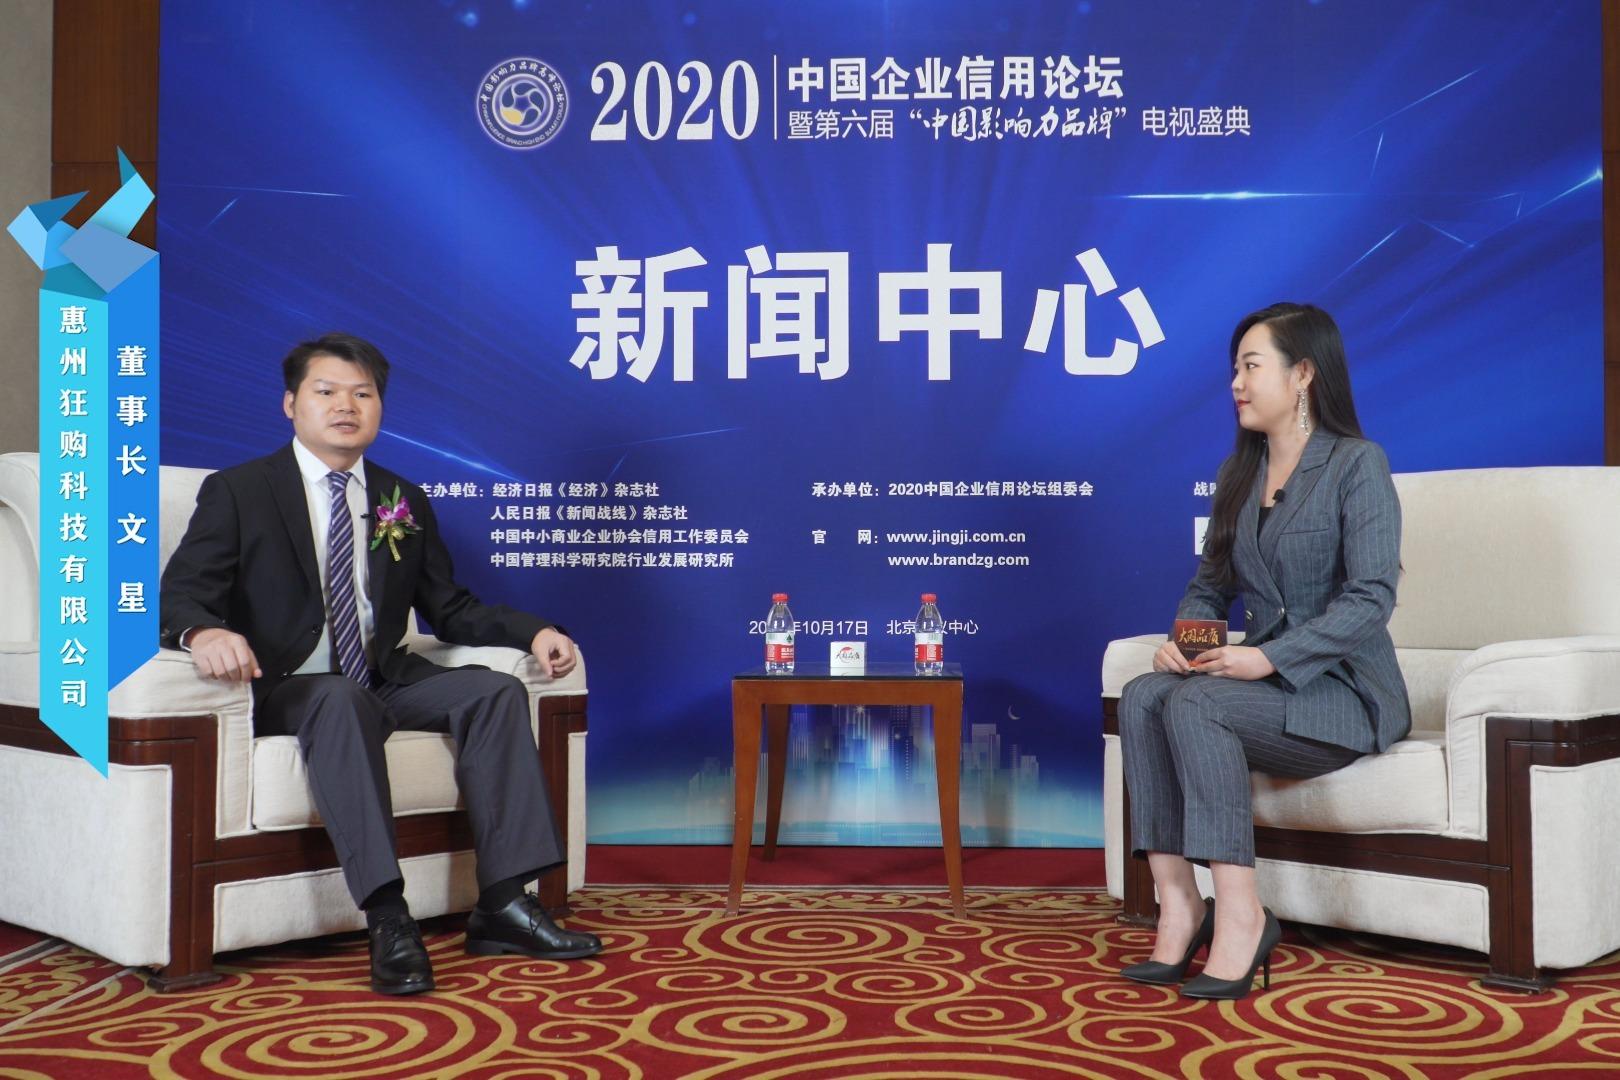 2020中国企业信用论坛专访嘉宾:惠州狂购科技有限公司文星董事长